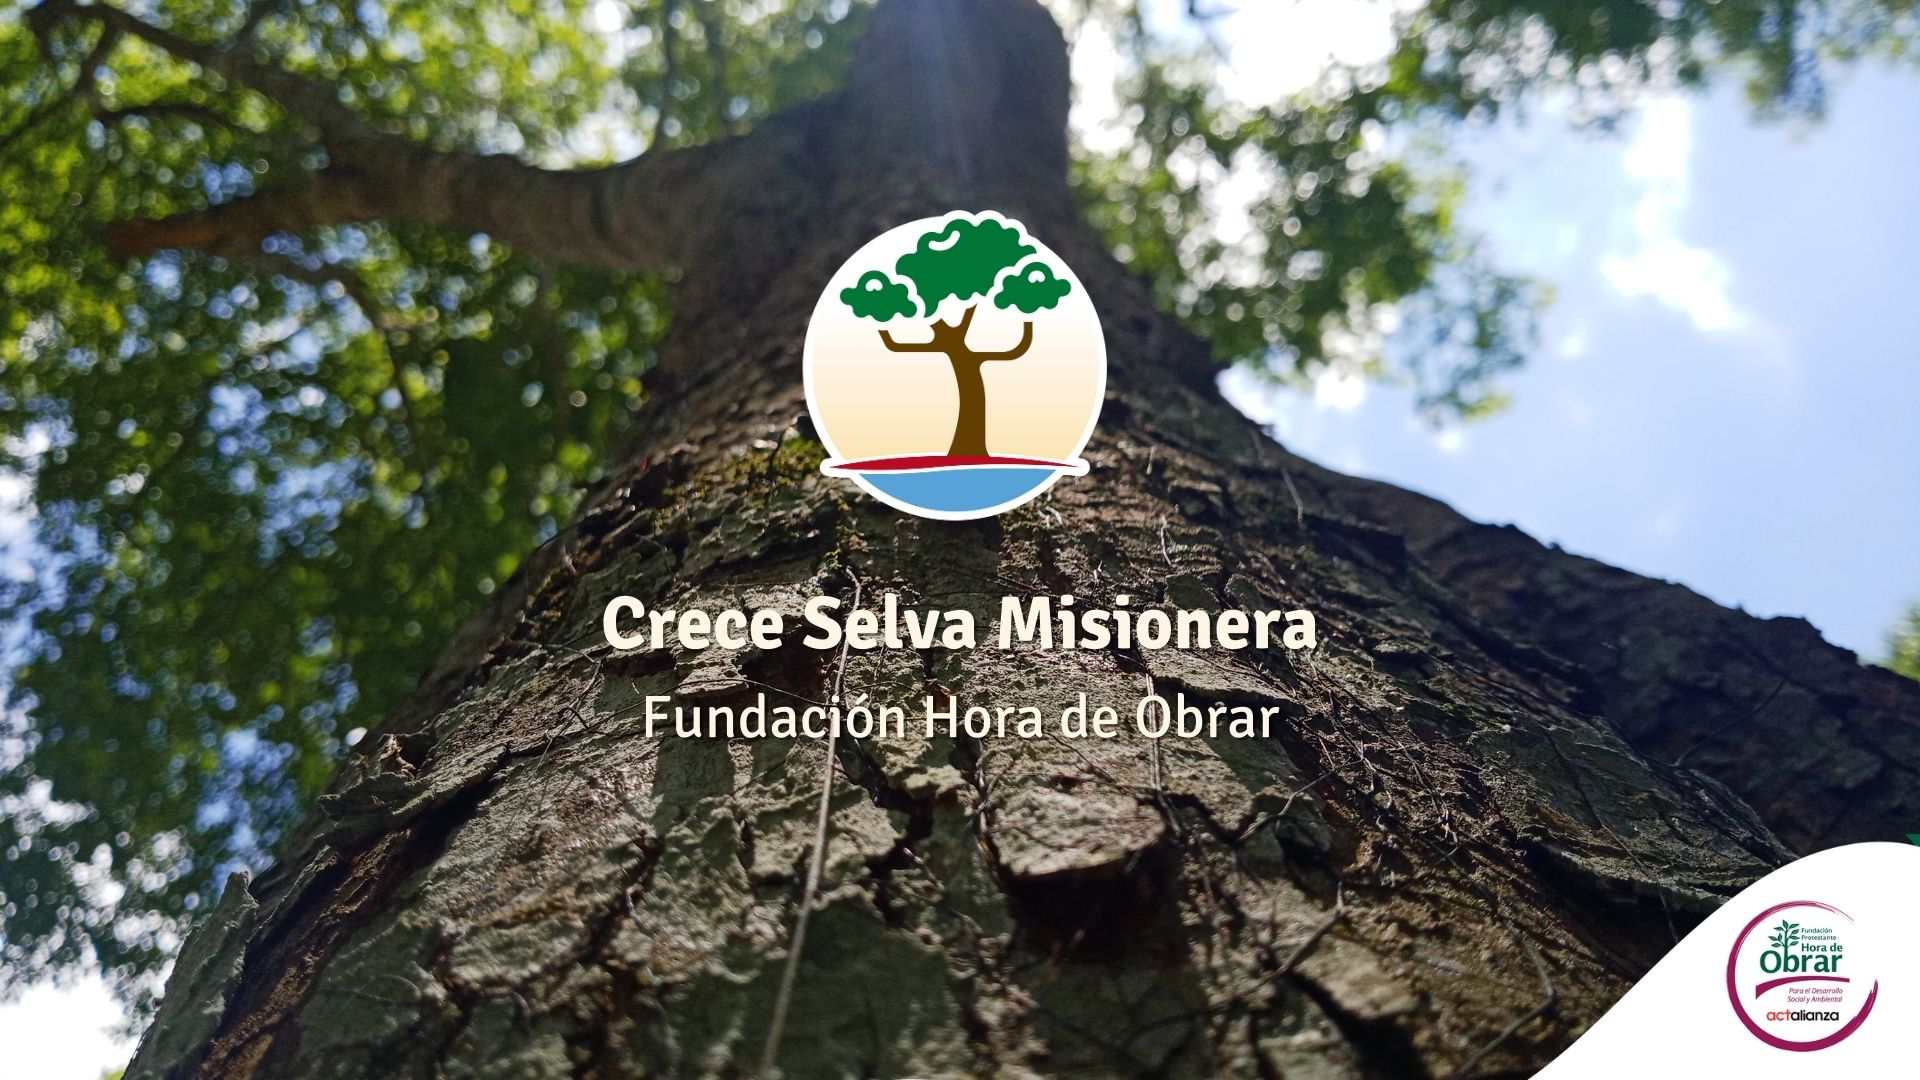 Crece Selva Misionera